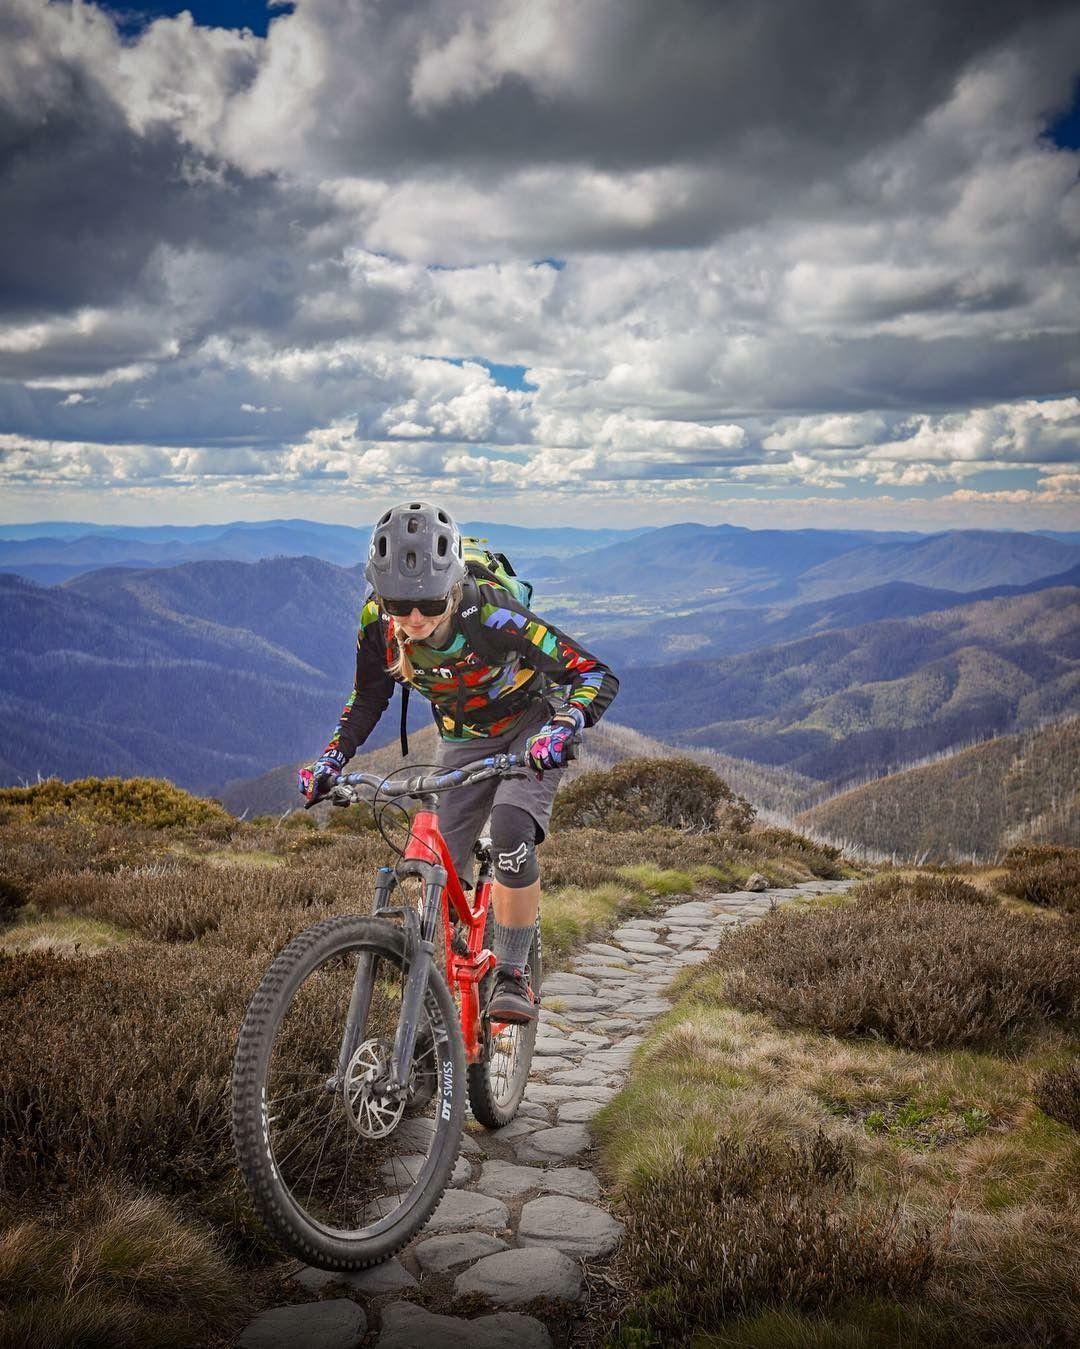 Where Is This Extreme Mountain Biking Mountain Biking Uk